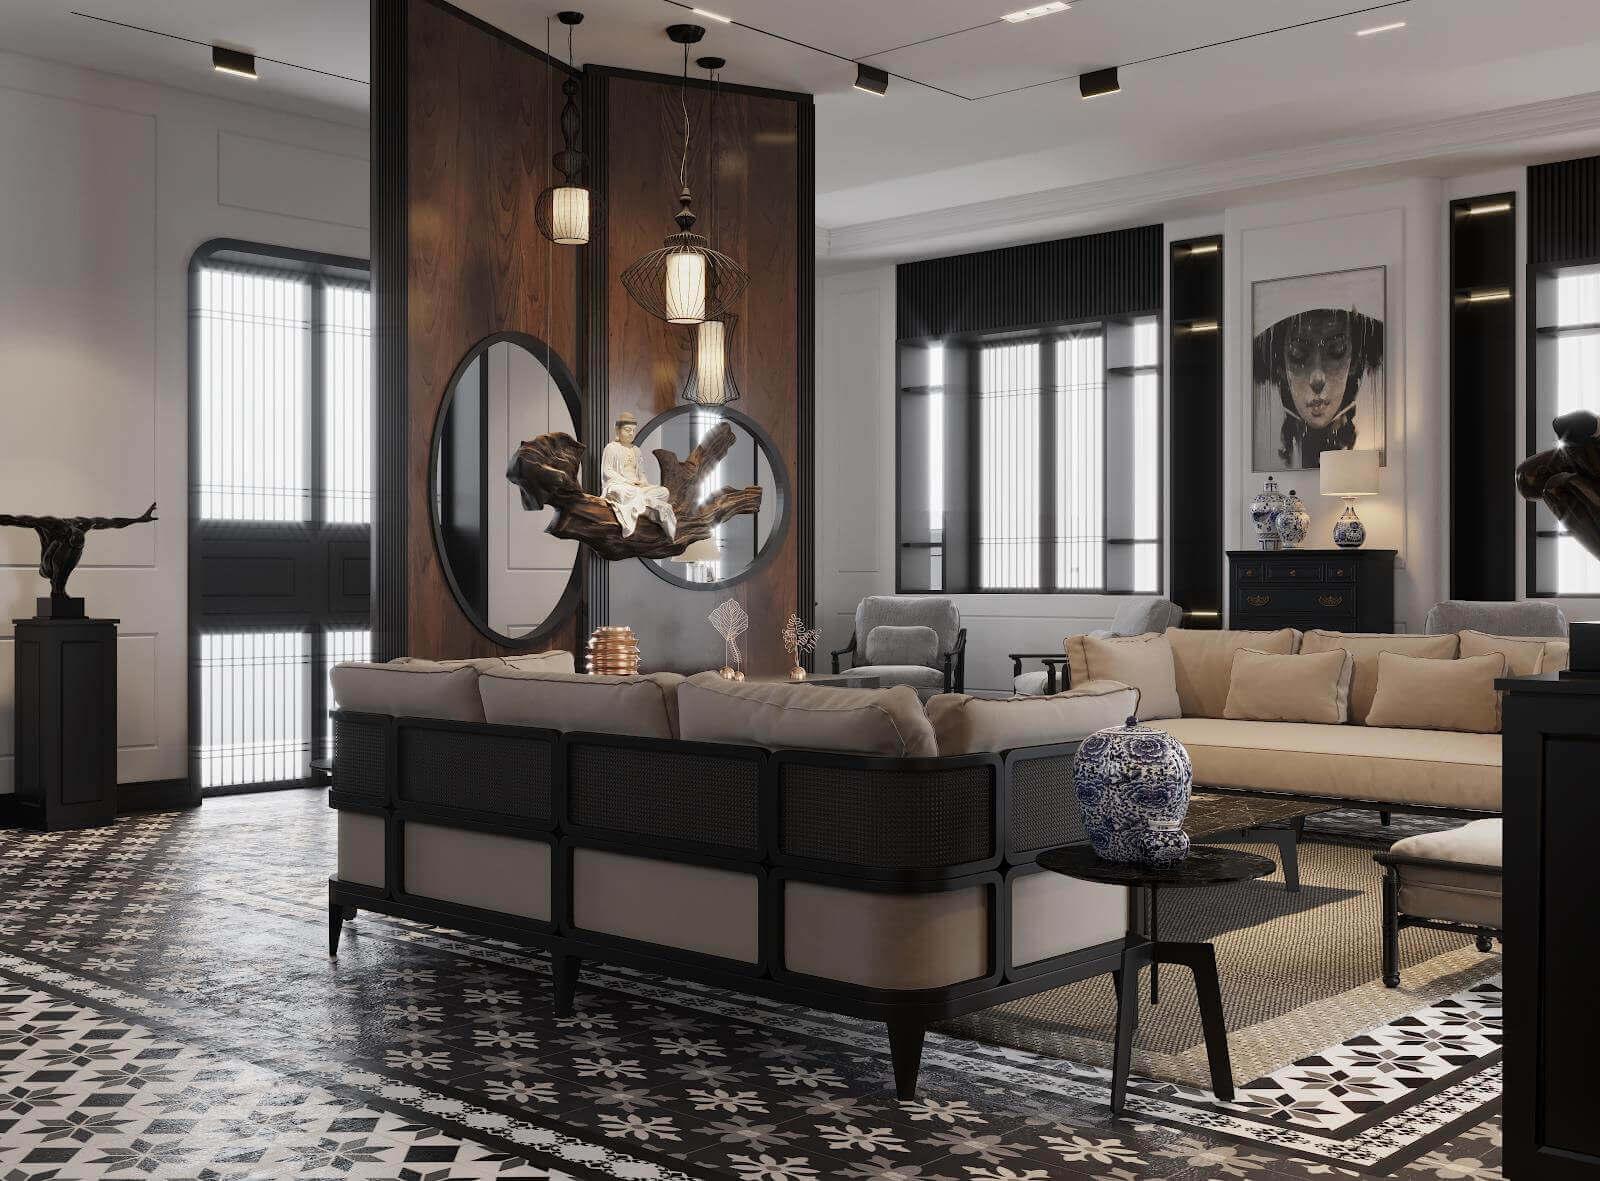 Phong cách nội thất Đông Dương - sự giao thoa văn hóa trong ngôi nhà